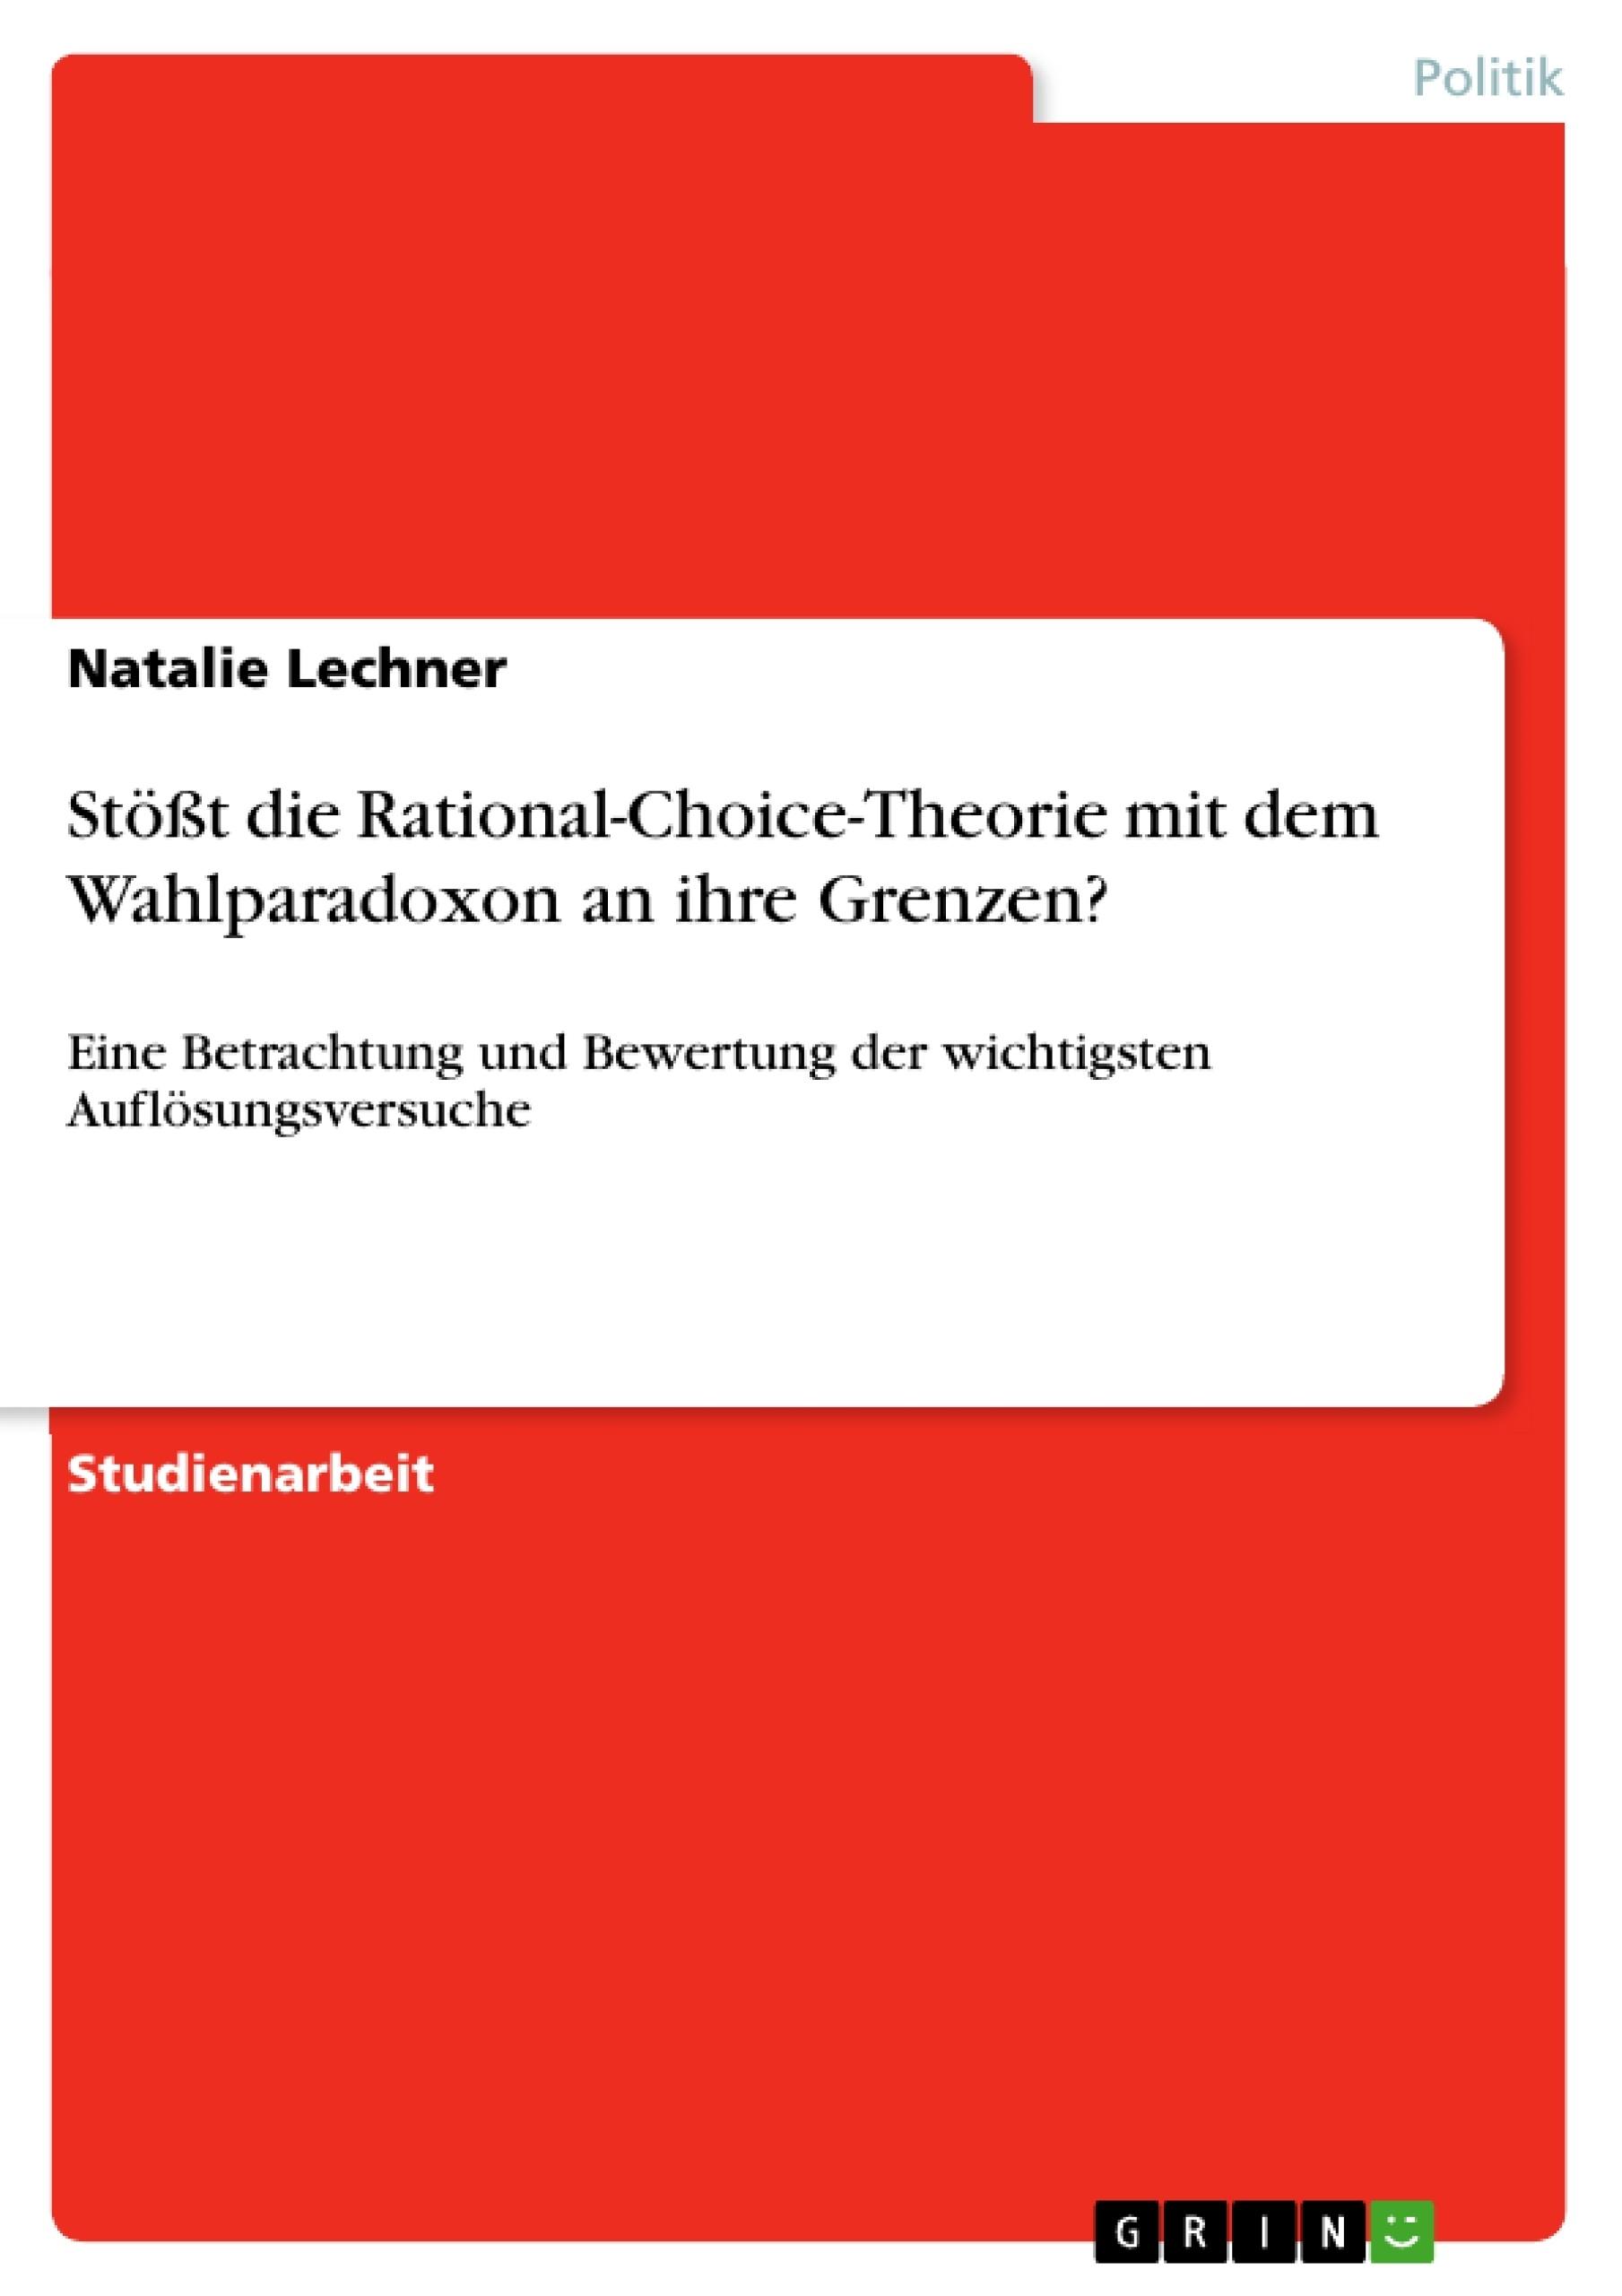 Titel: Stößt die Rational-Choice-Theorie mit dem Wahlparadoxon an ihre Grenzen?